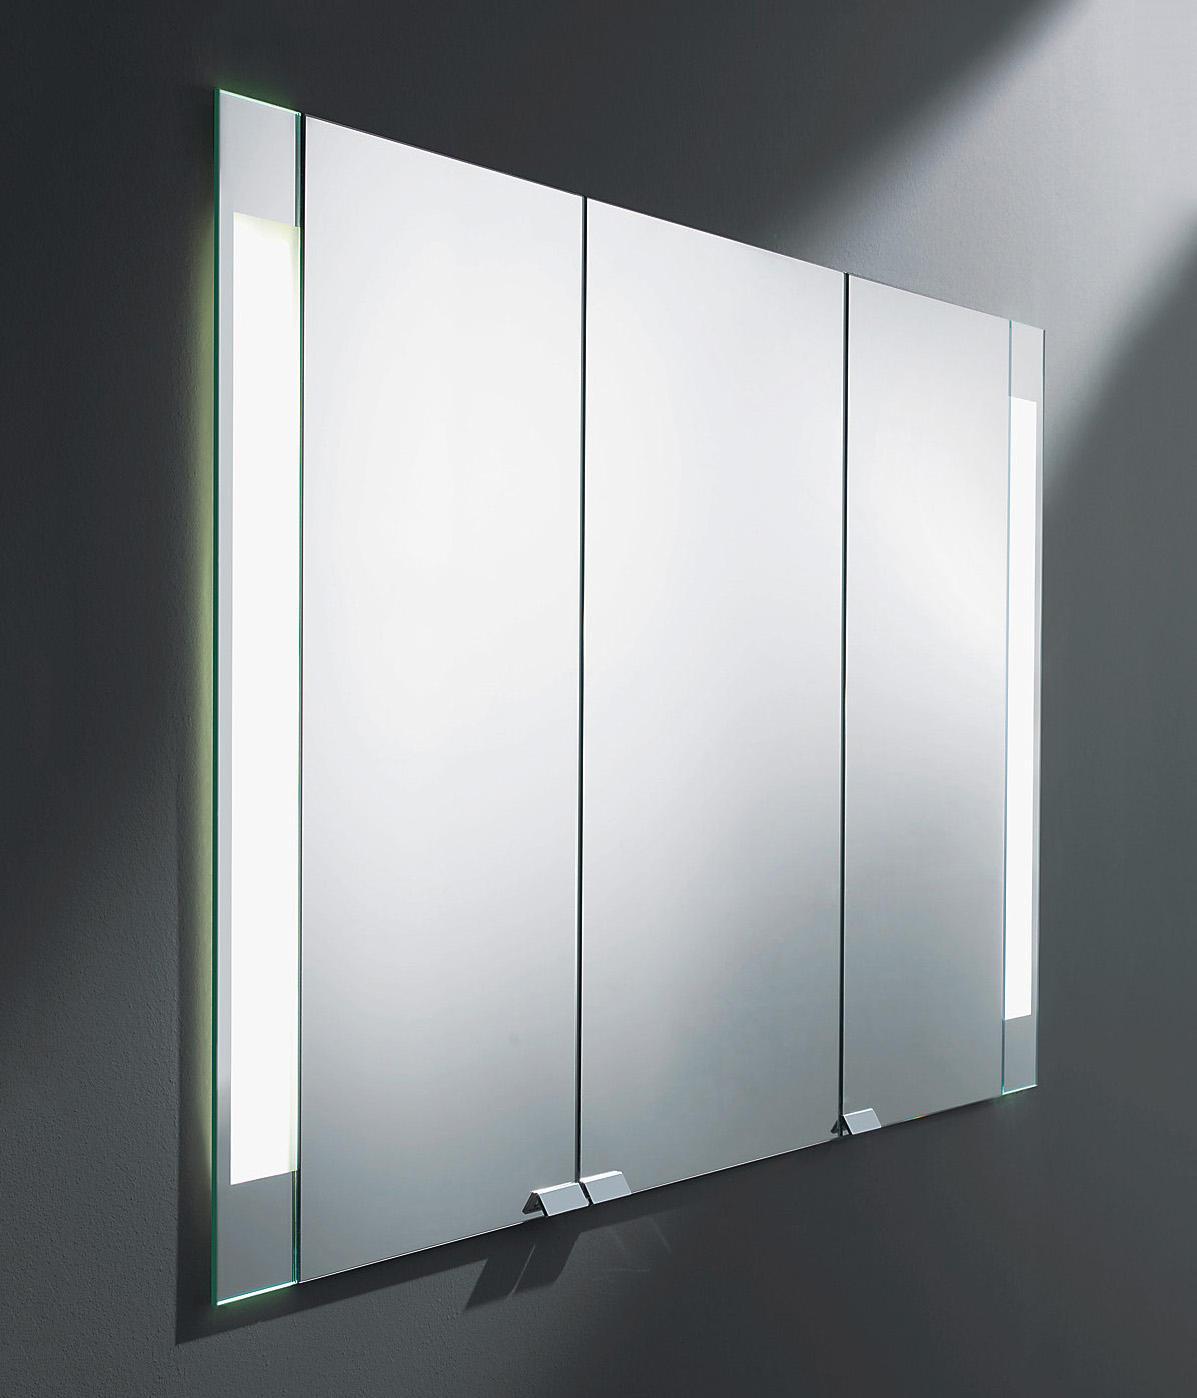 Rc40 armoire de toilette avec clairage led vertical for Armoire de toilette miroir avec eclairage